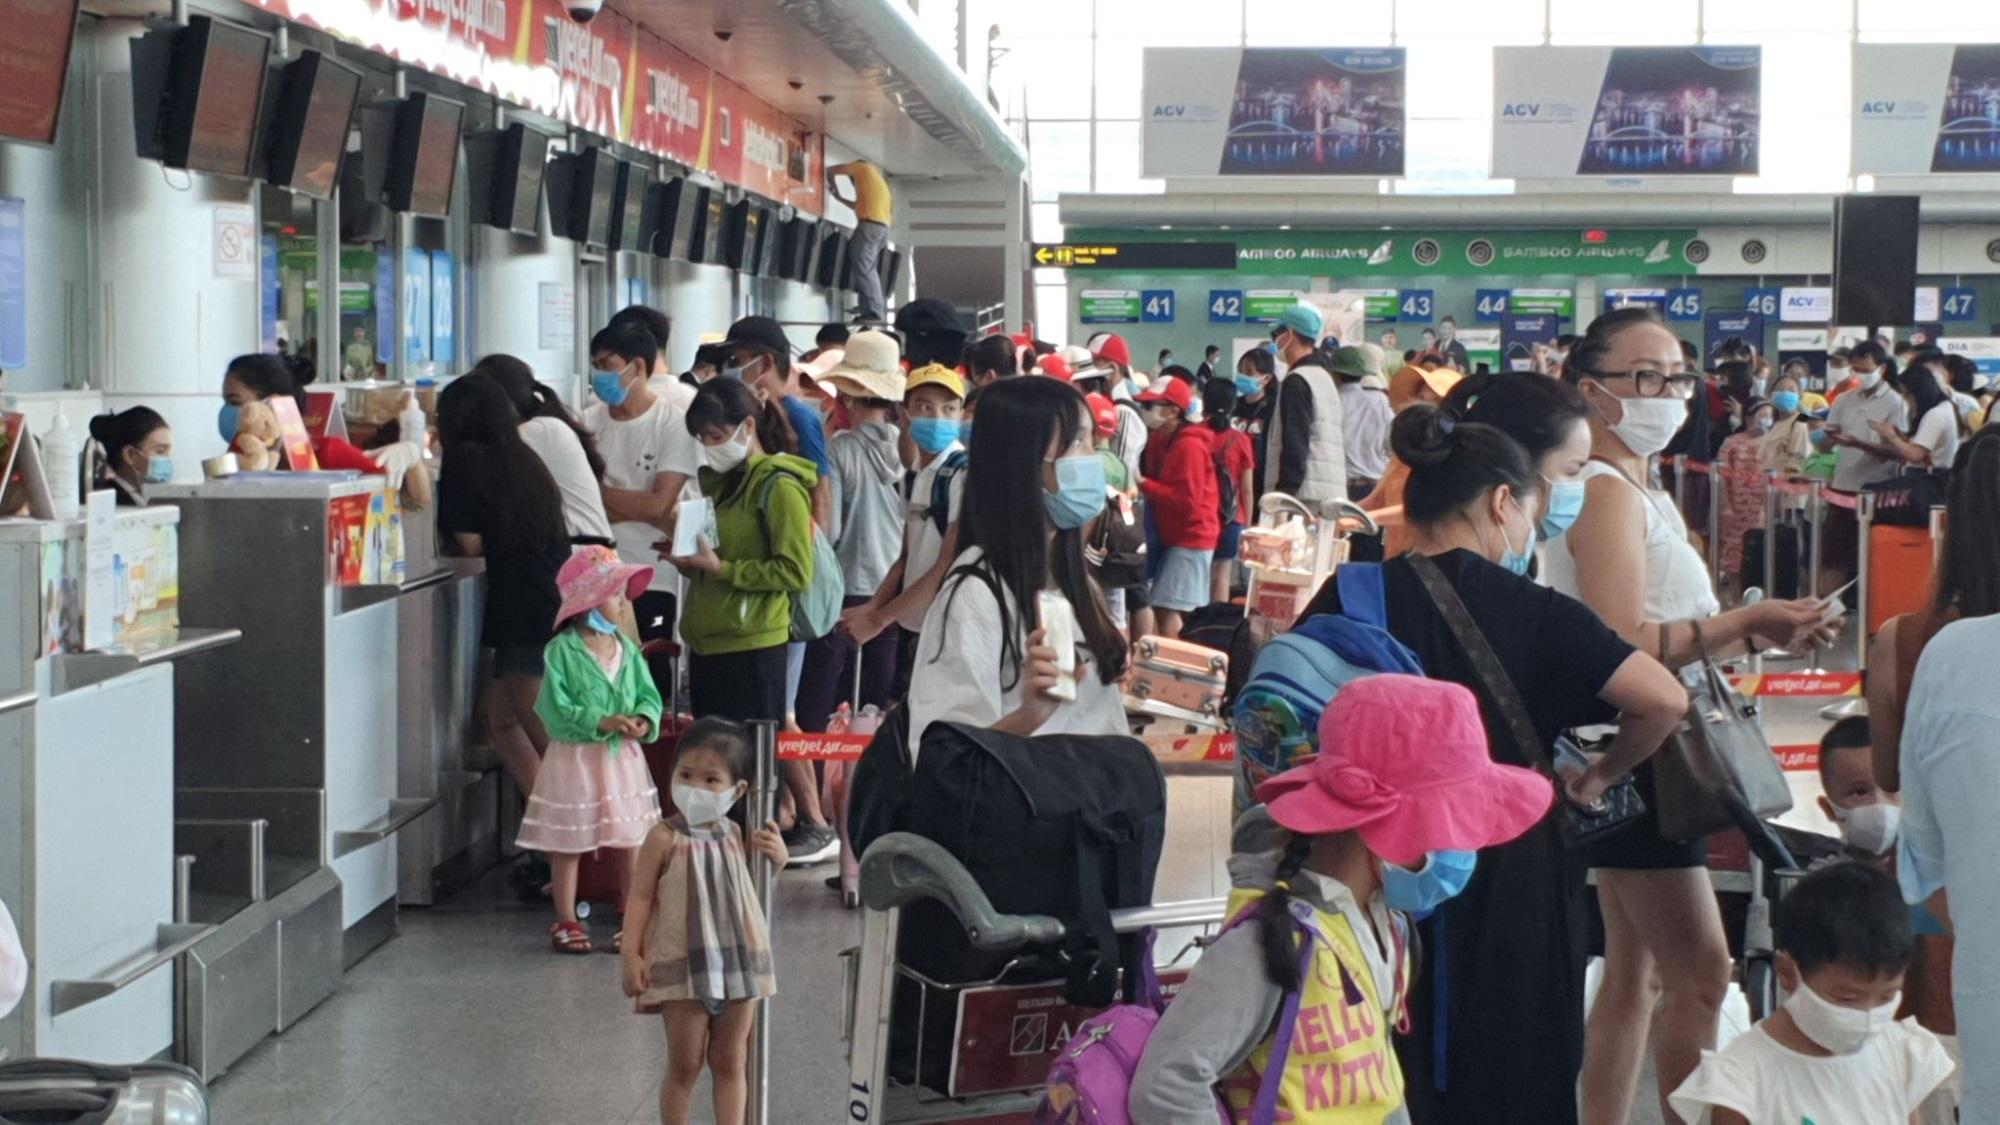 Khách du lịch đến Đà Nẵng bị mắc kẹt vì dịch Covid-19 được hỗ trợ như thế nào? - Ảnh 1